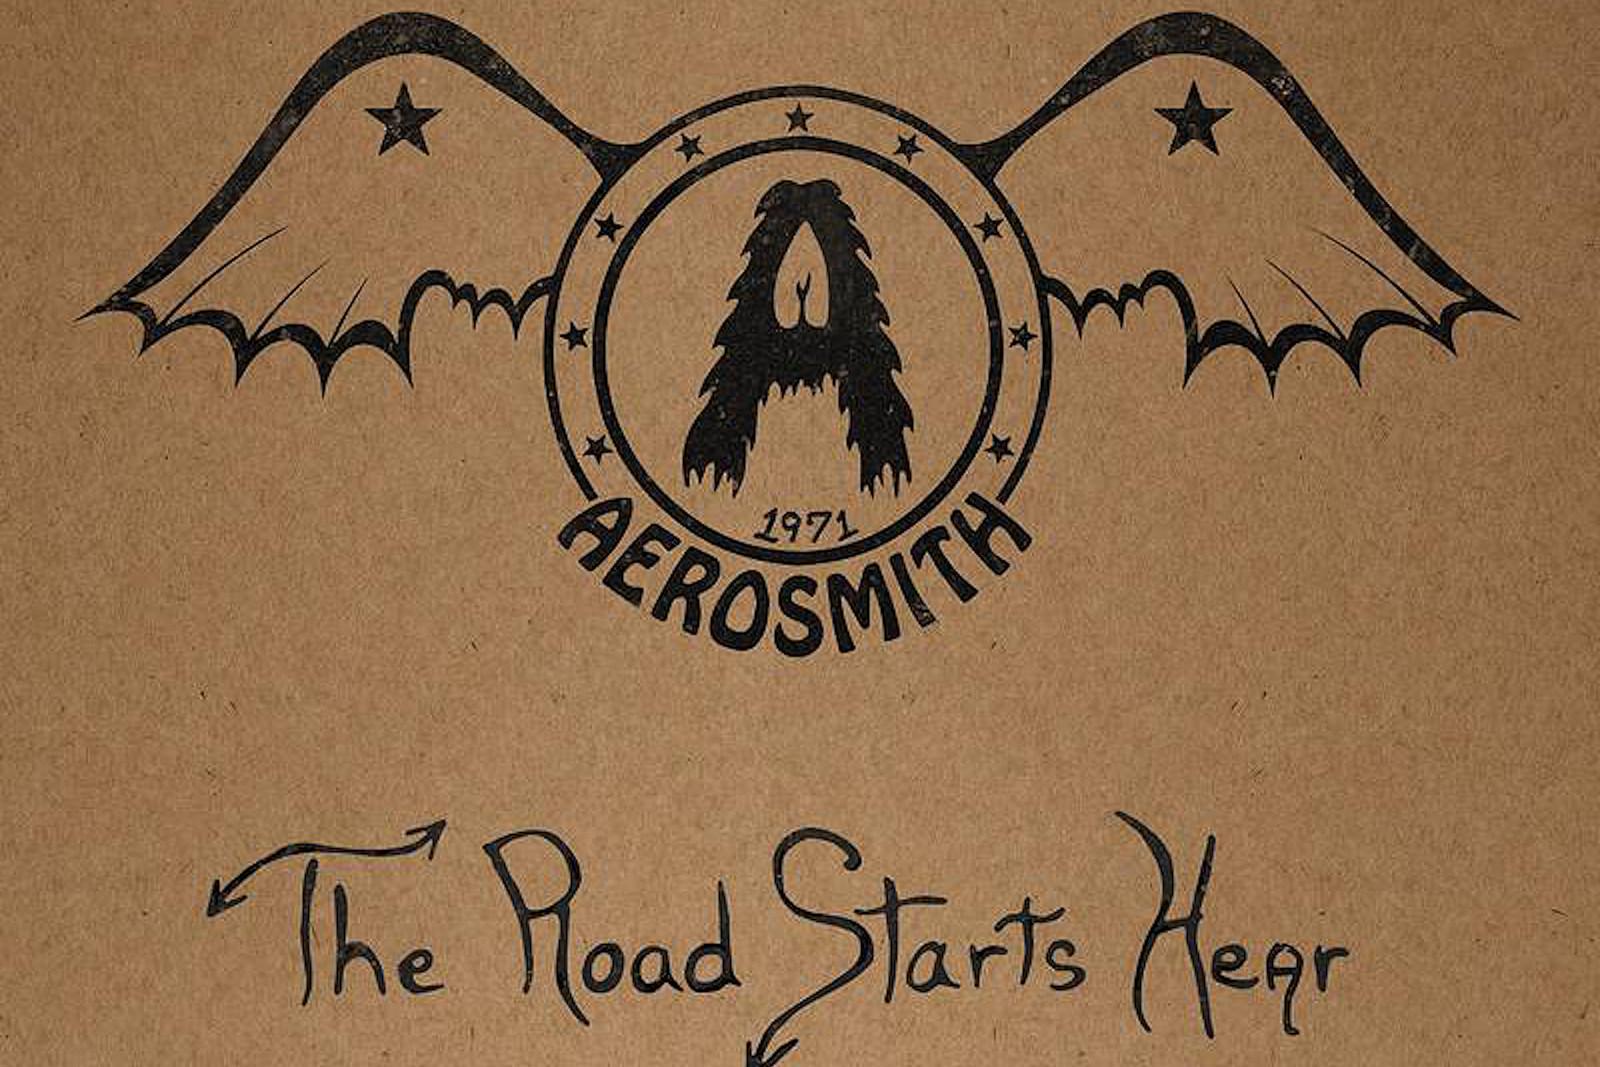 Aerosmith's '1971: The Road Starts Hear' Leads Black Friday RSD